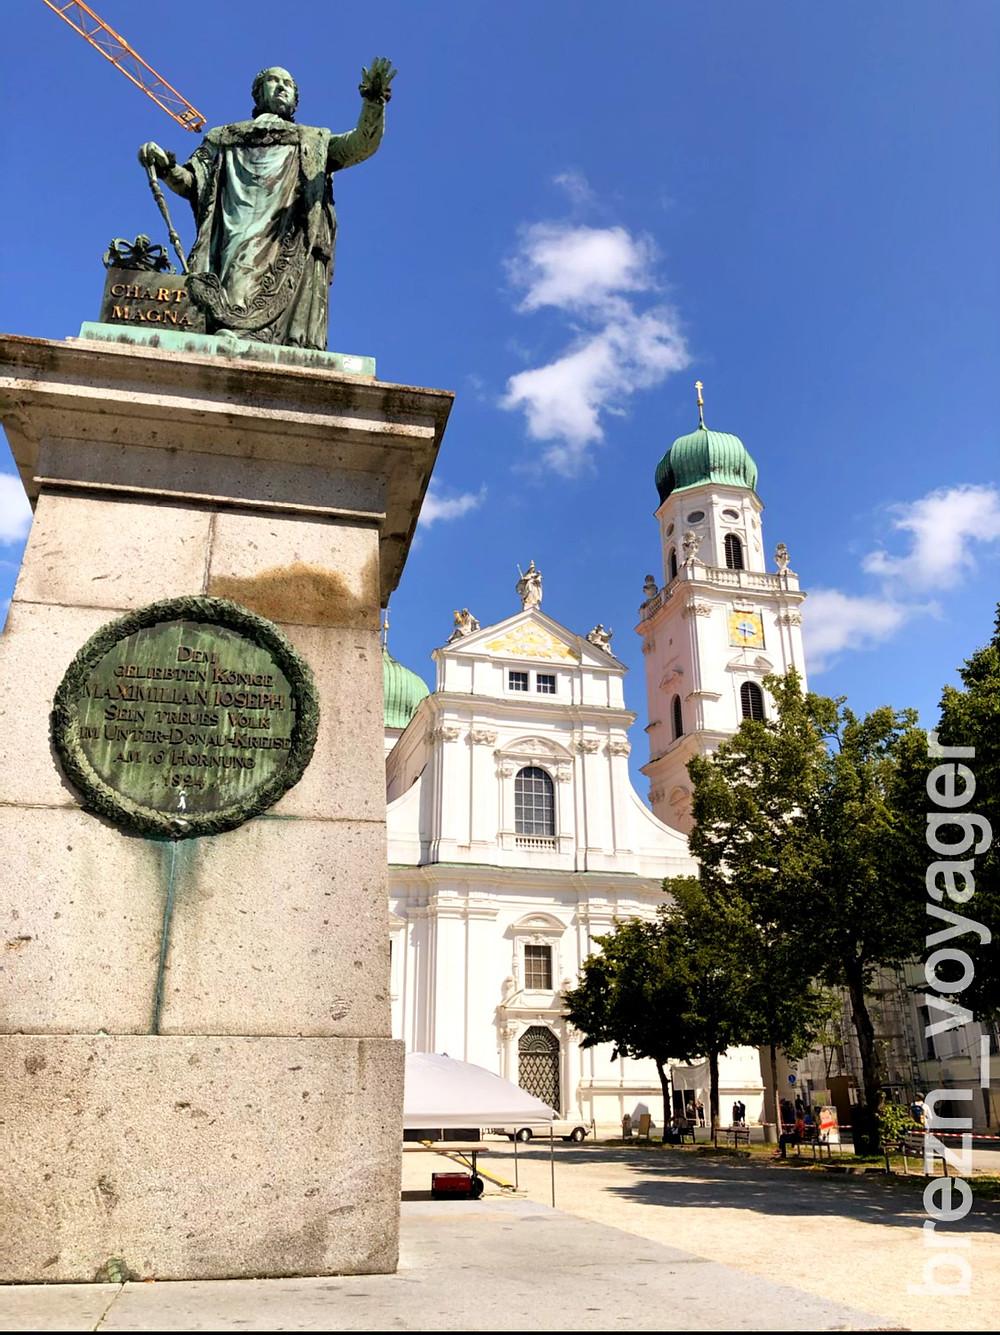 Das Denkmal ist für König Maximilian I Josef von Bayern. Im Hintergrund der Dom St. Stephan von Passau